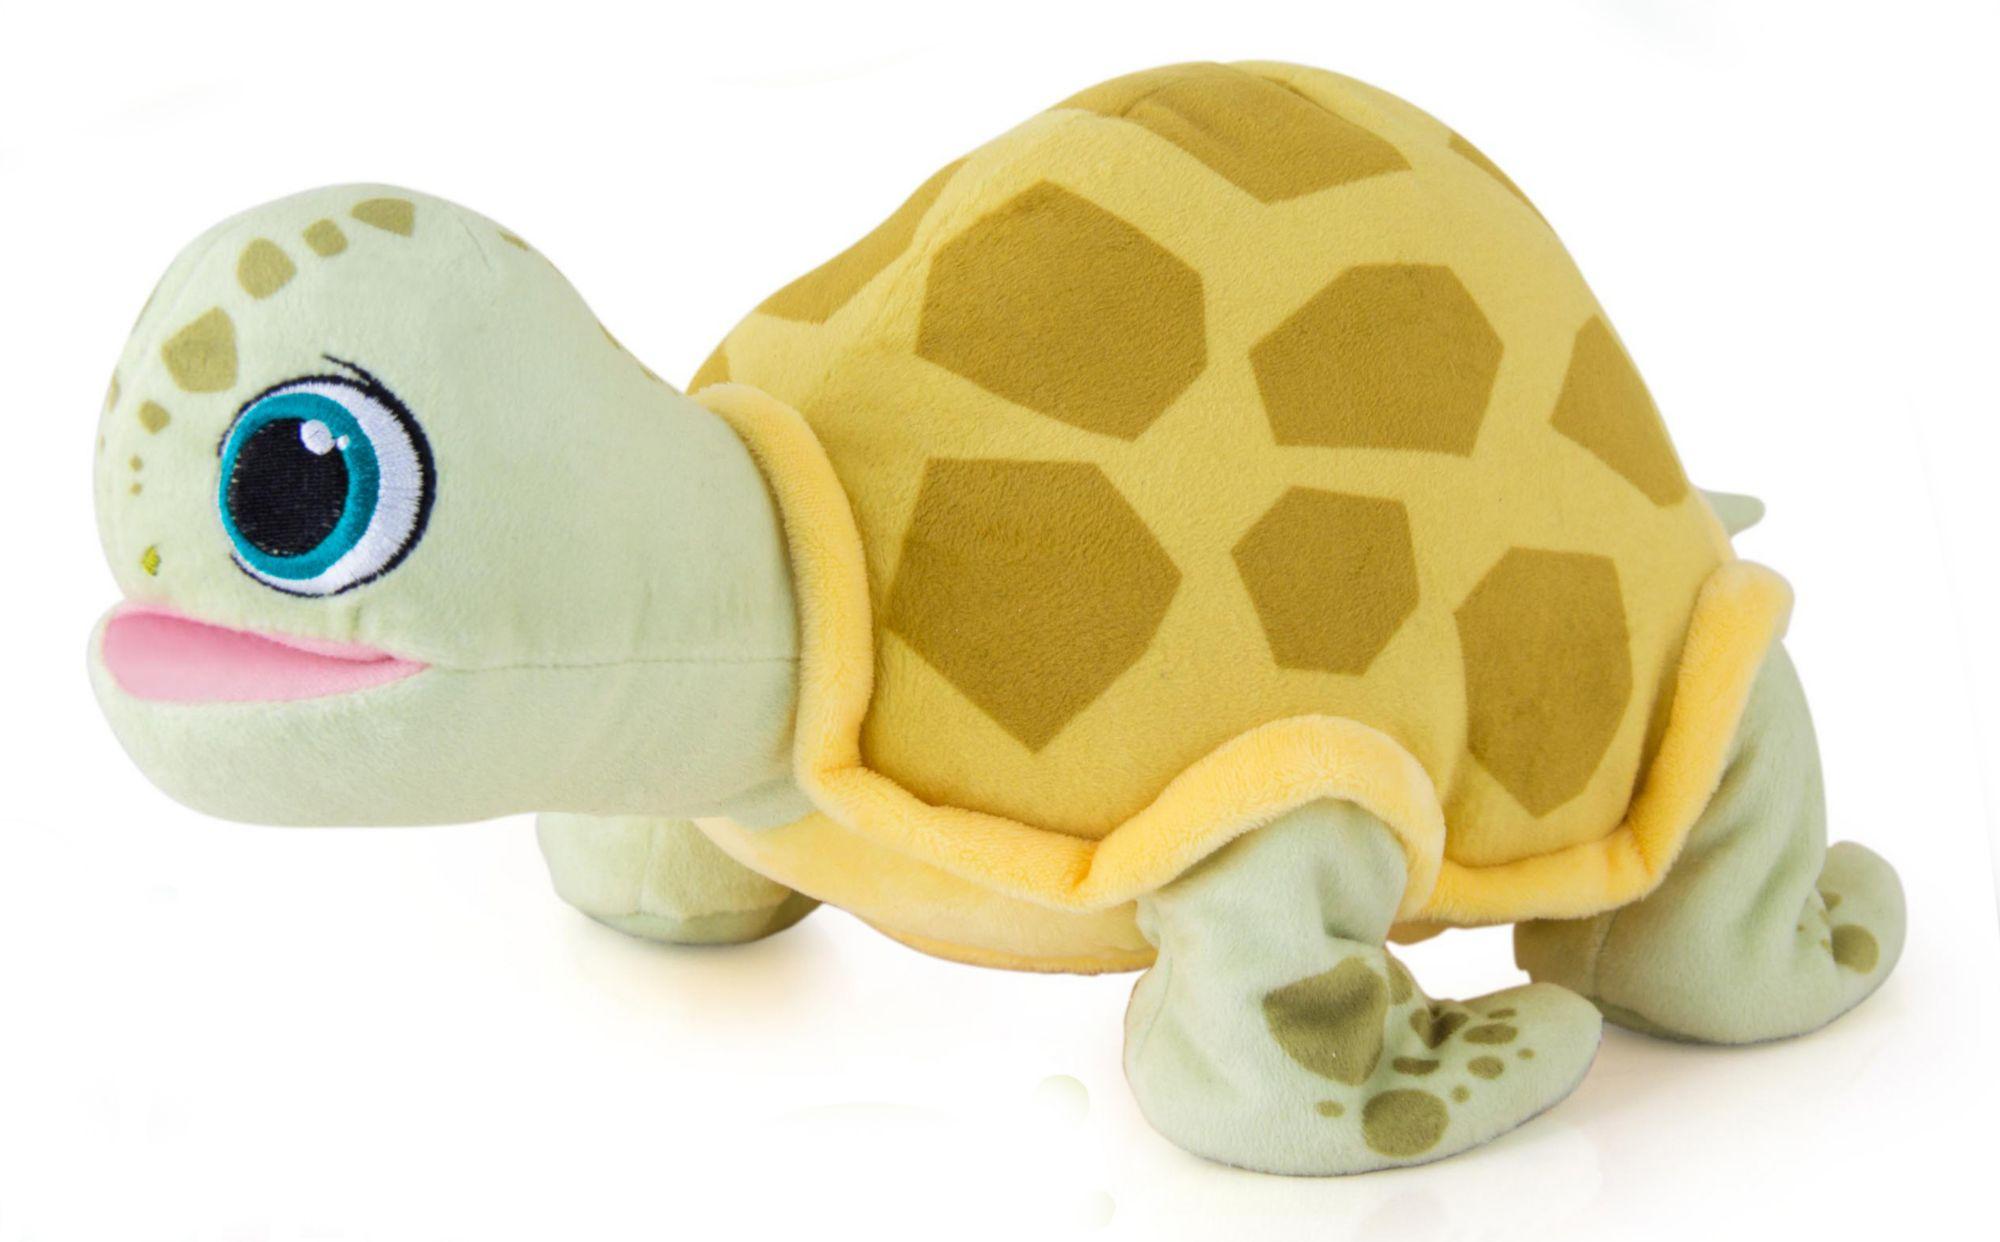 IMC TOYS IMC Toys Laufendes Kuscheltier mit Sound, »Club Petz Martina die kleine Schildkröte«